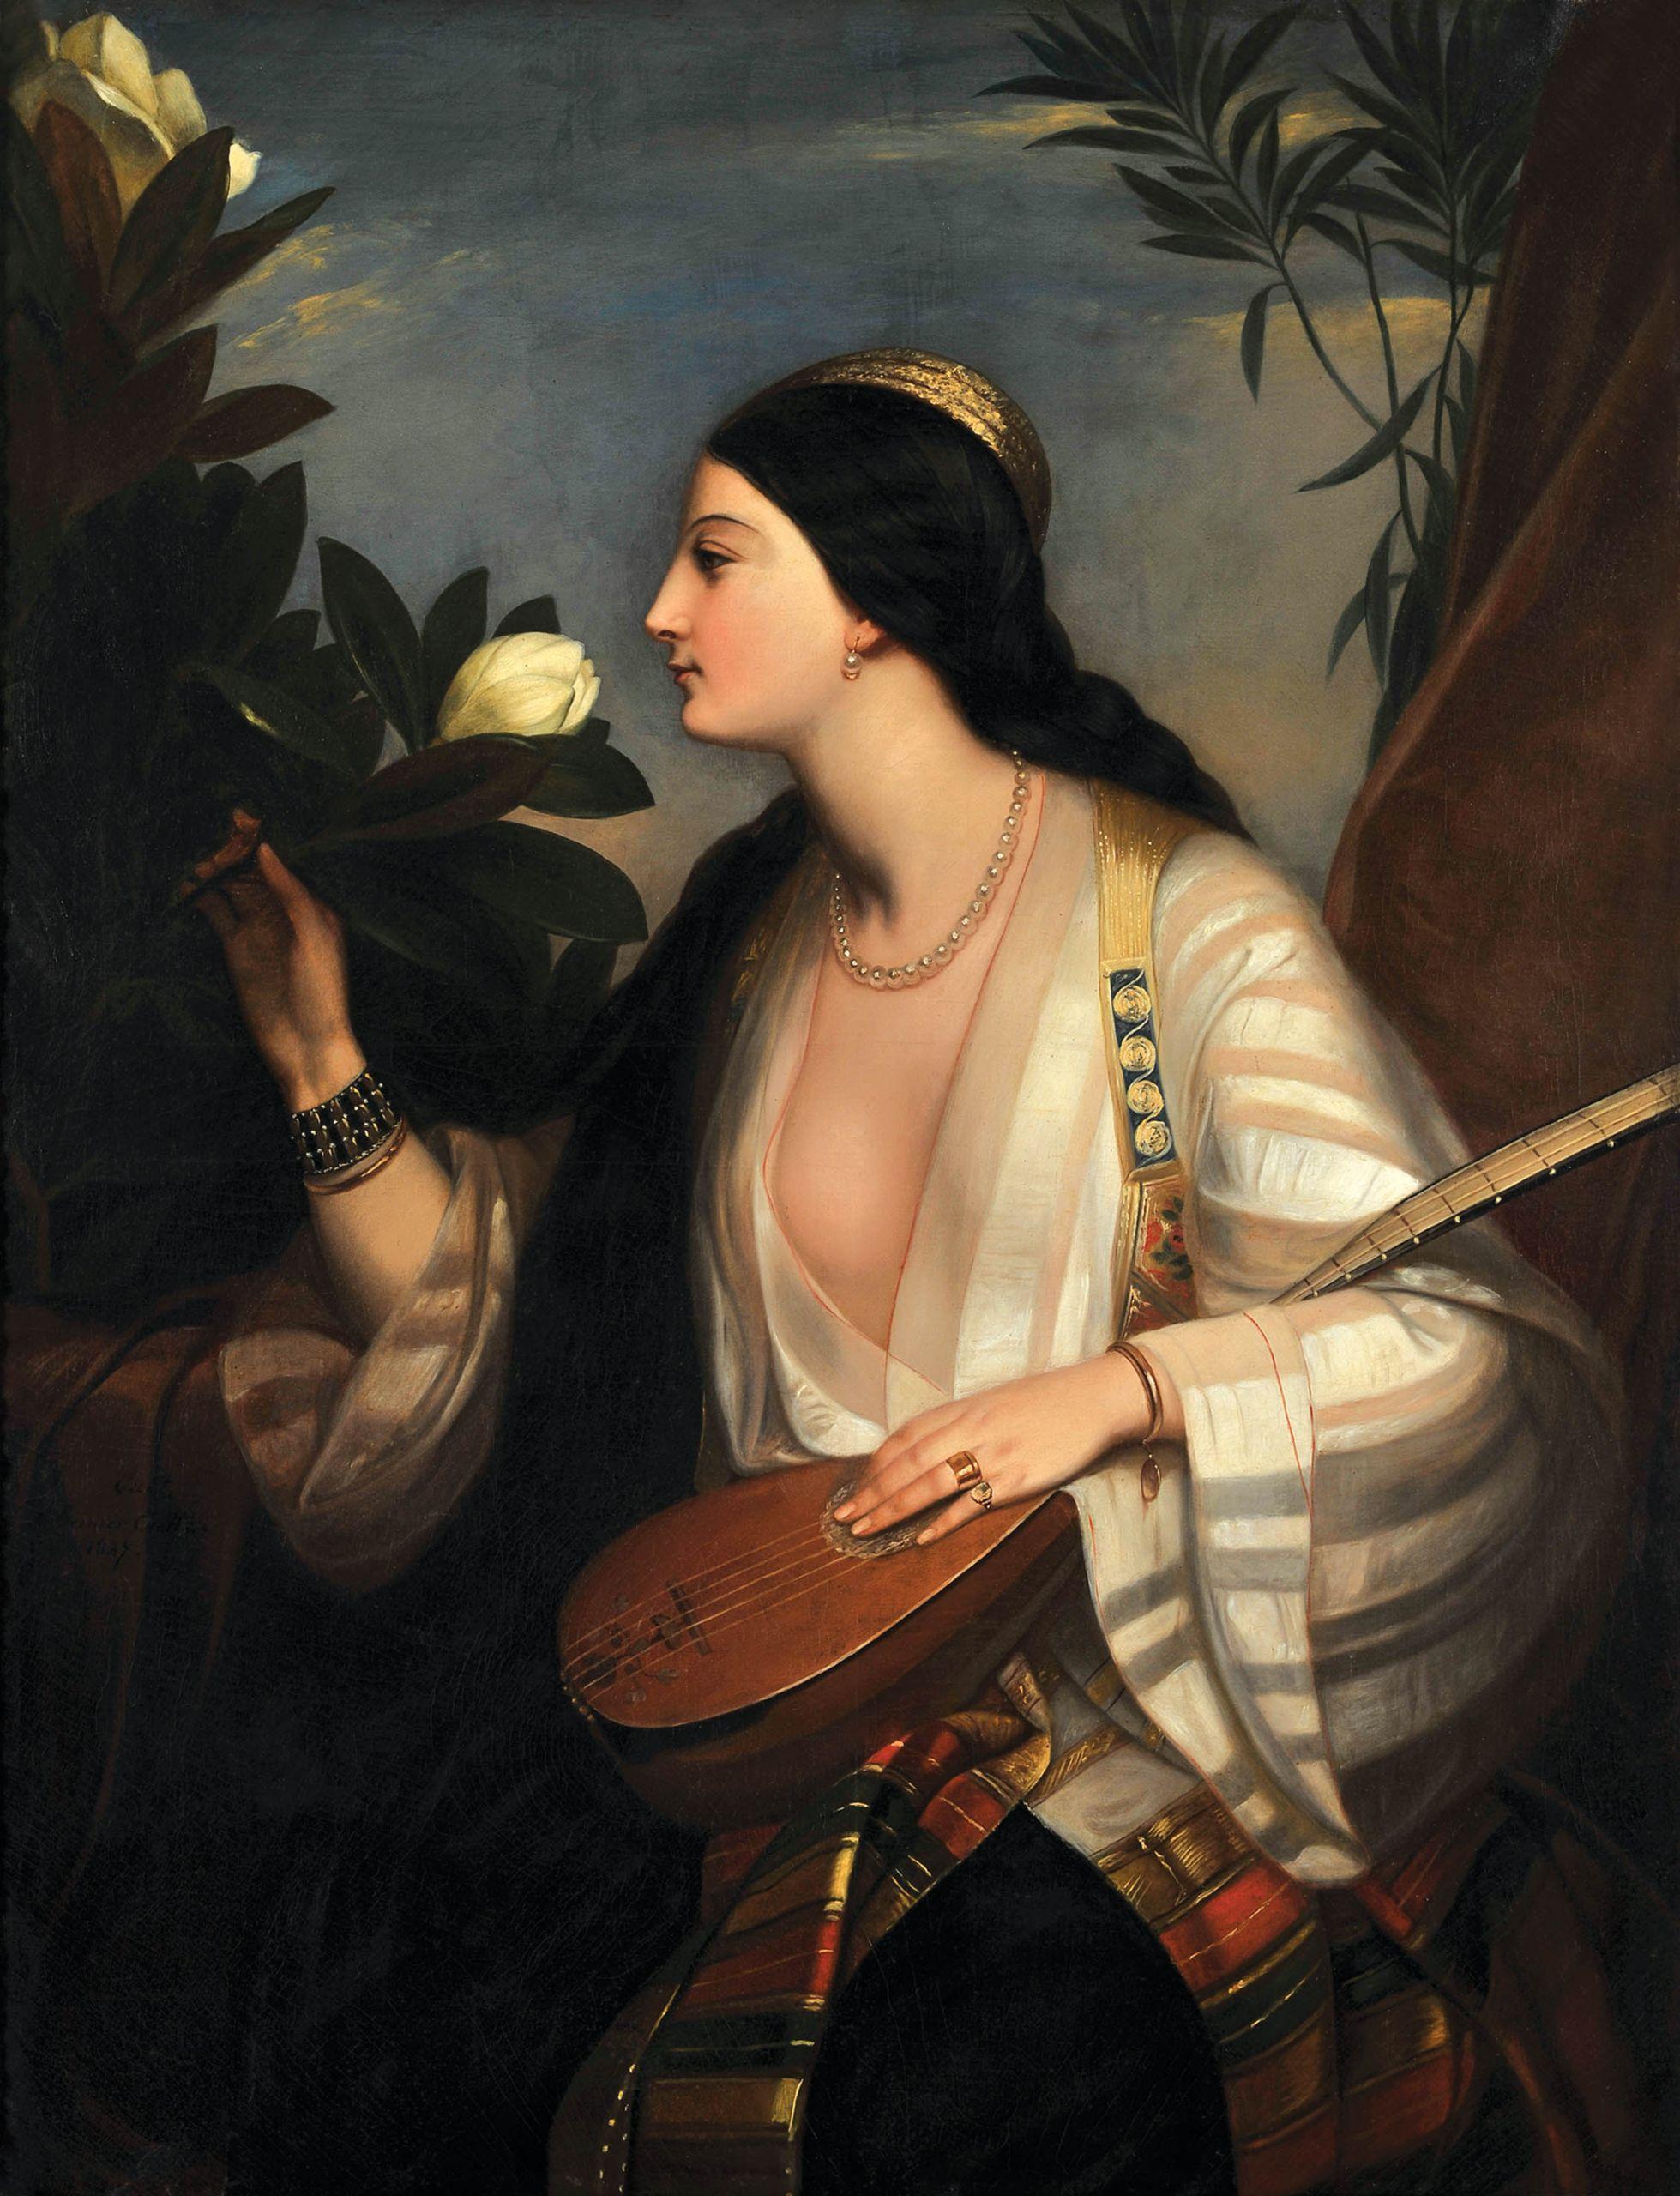 """Ελληνίδα που παίζει λαγούτο, 1847 Charlemagne- OscarGuet (1801-1871), Λάδι σε μουσαμά, 120 X 94 εκ., Ενυπόγραφο, κάτω αριστερά: """"Guet 1847"""", Συλλογή Μιχάλη και Δήμητρας Βαρκαράκη"""